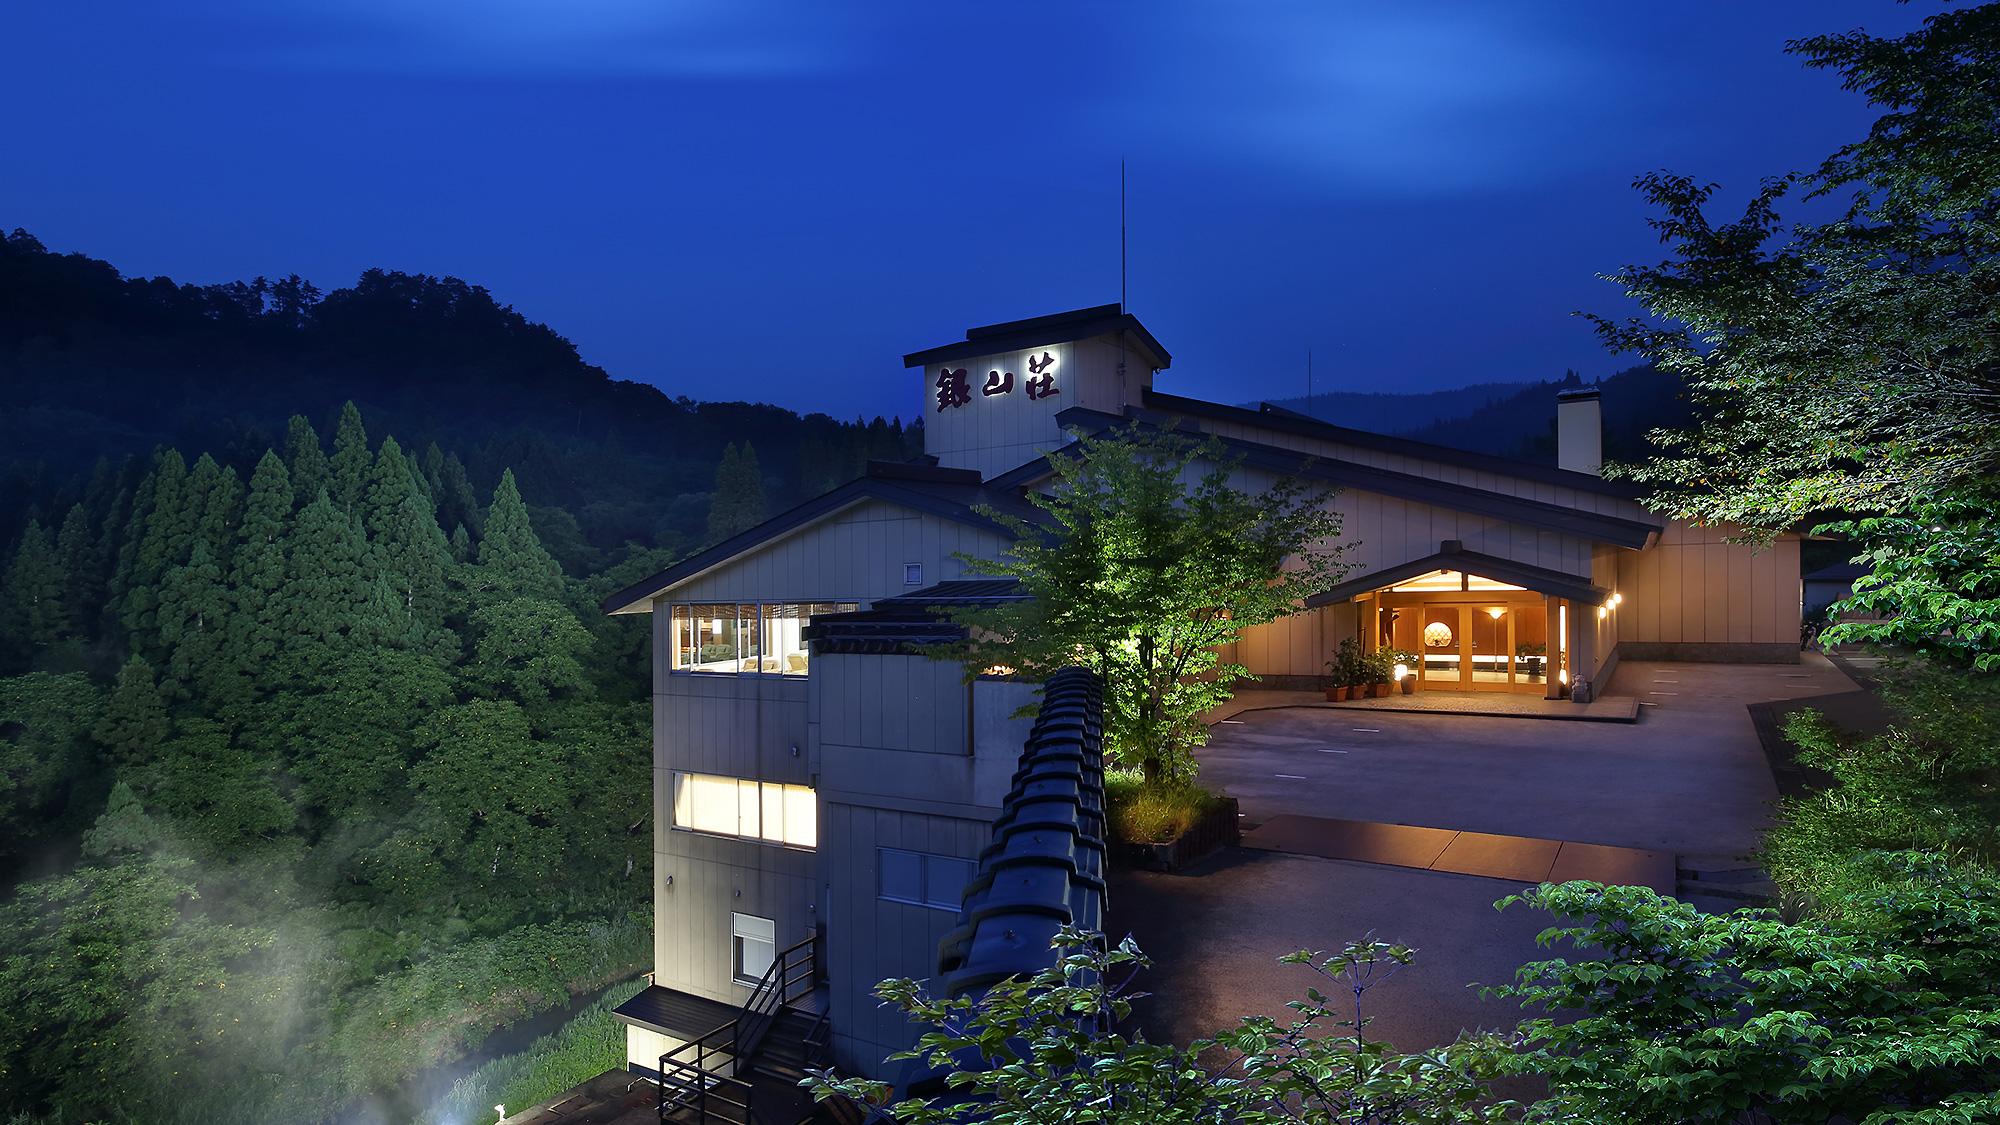 銀山温泉でおすすめの宿が知りたい